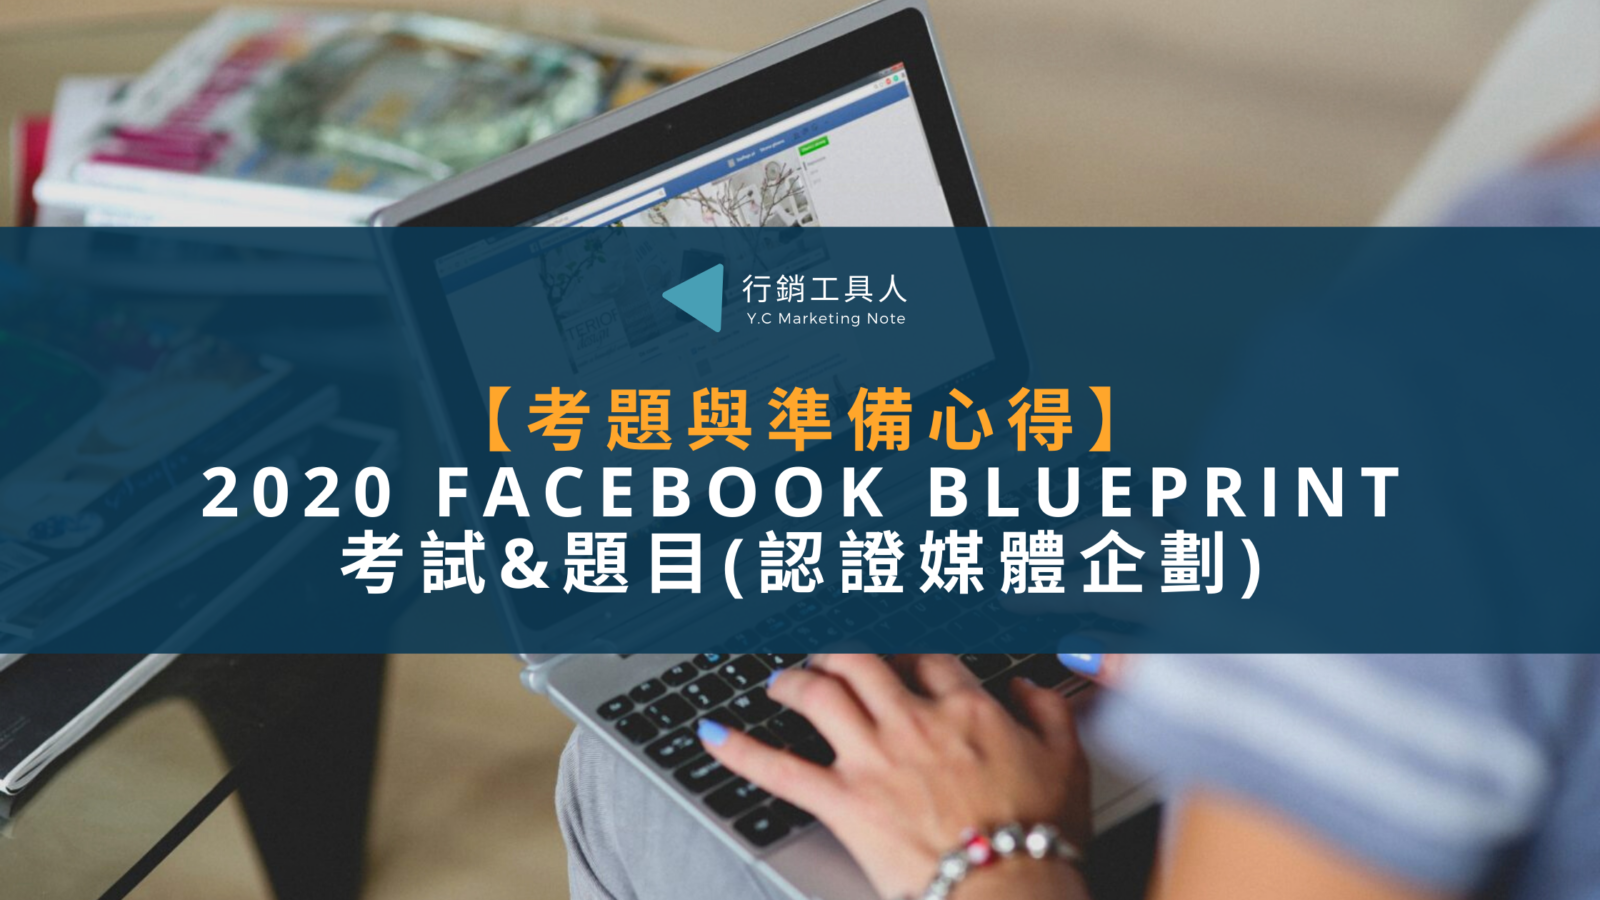 【考題與準備心得】2020 Facebook Blueprint考試&題目(認證媒體企劃)